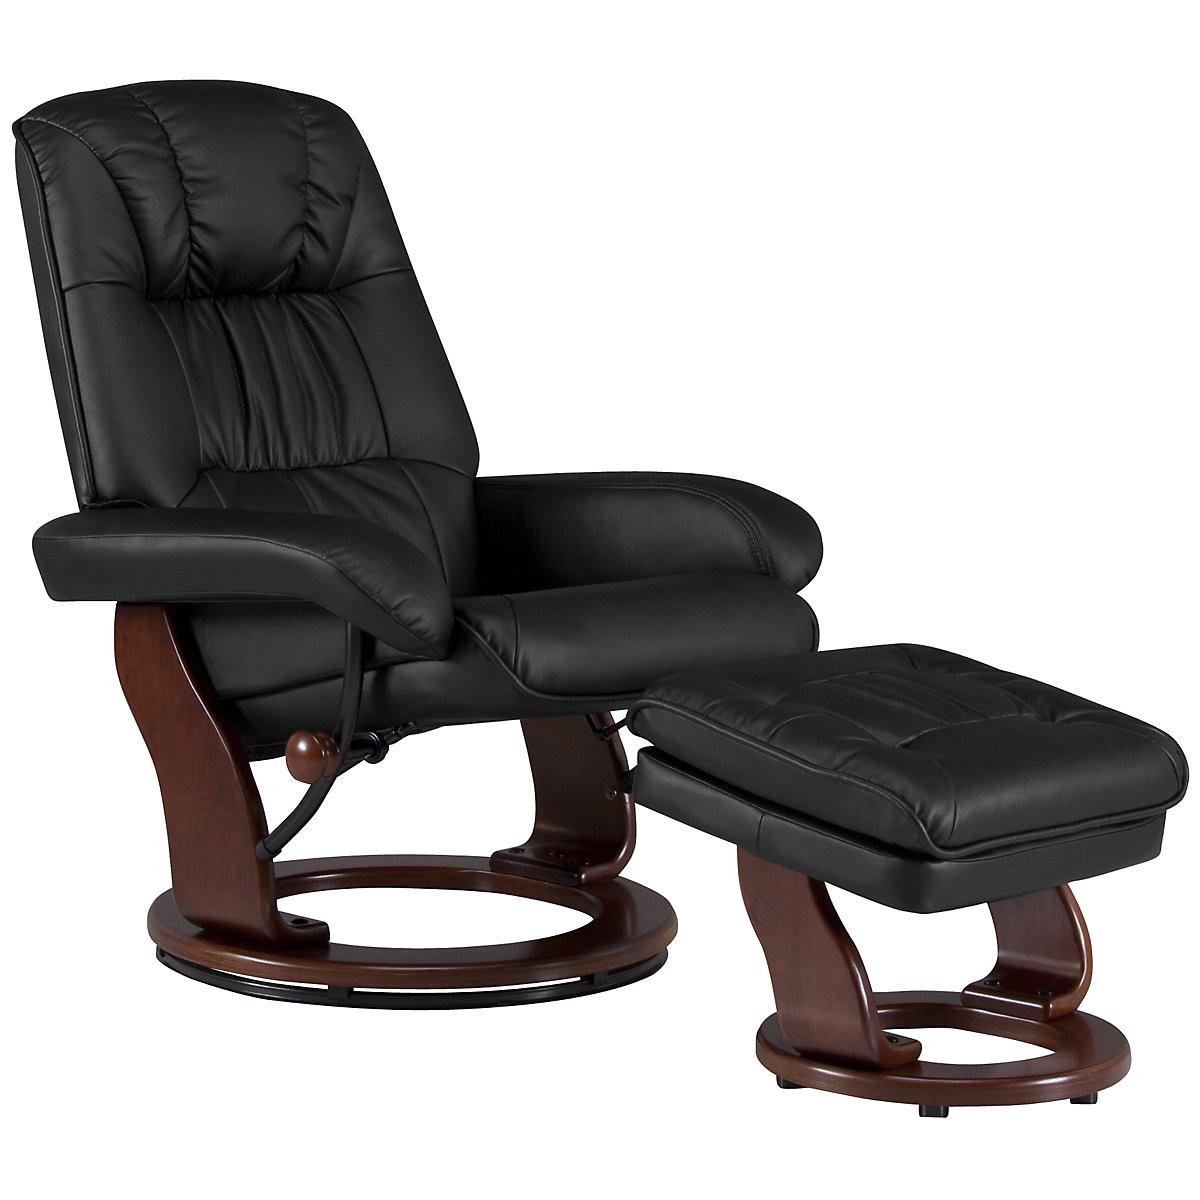 Norris Black Upholstered Recliner & Ottoman